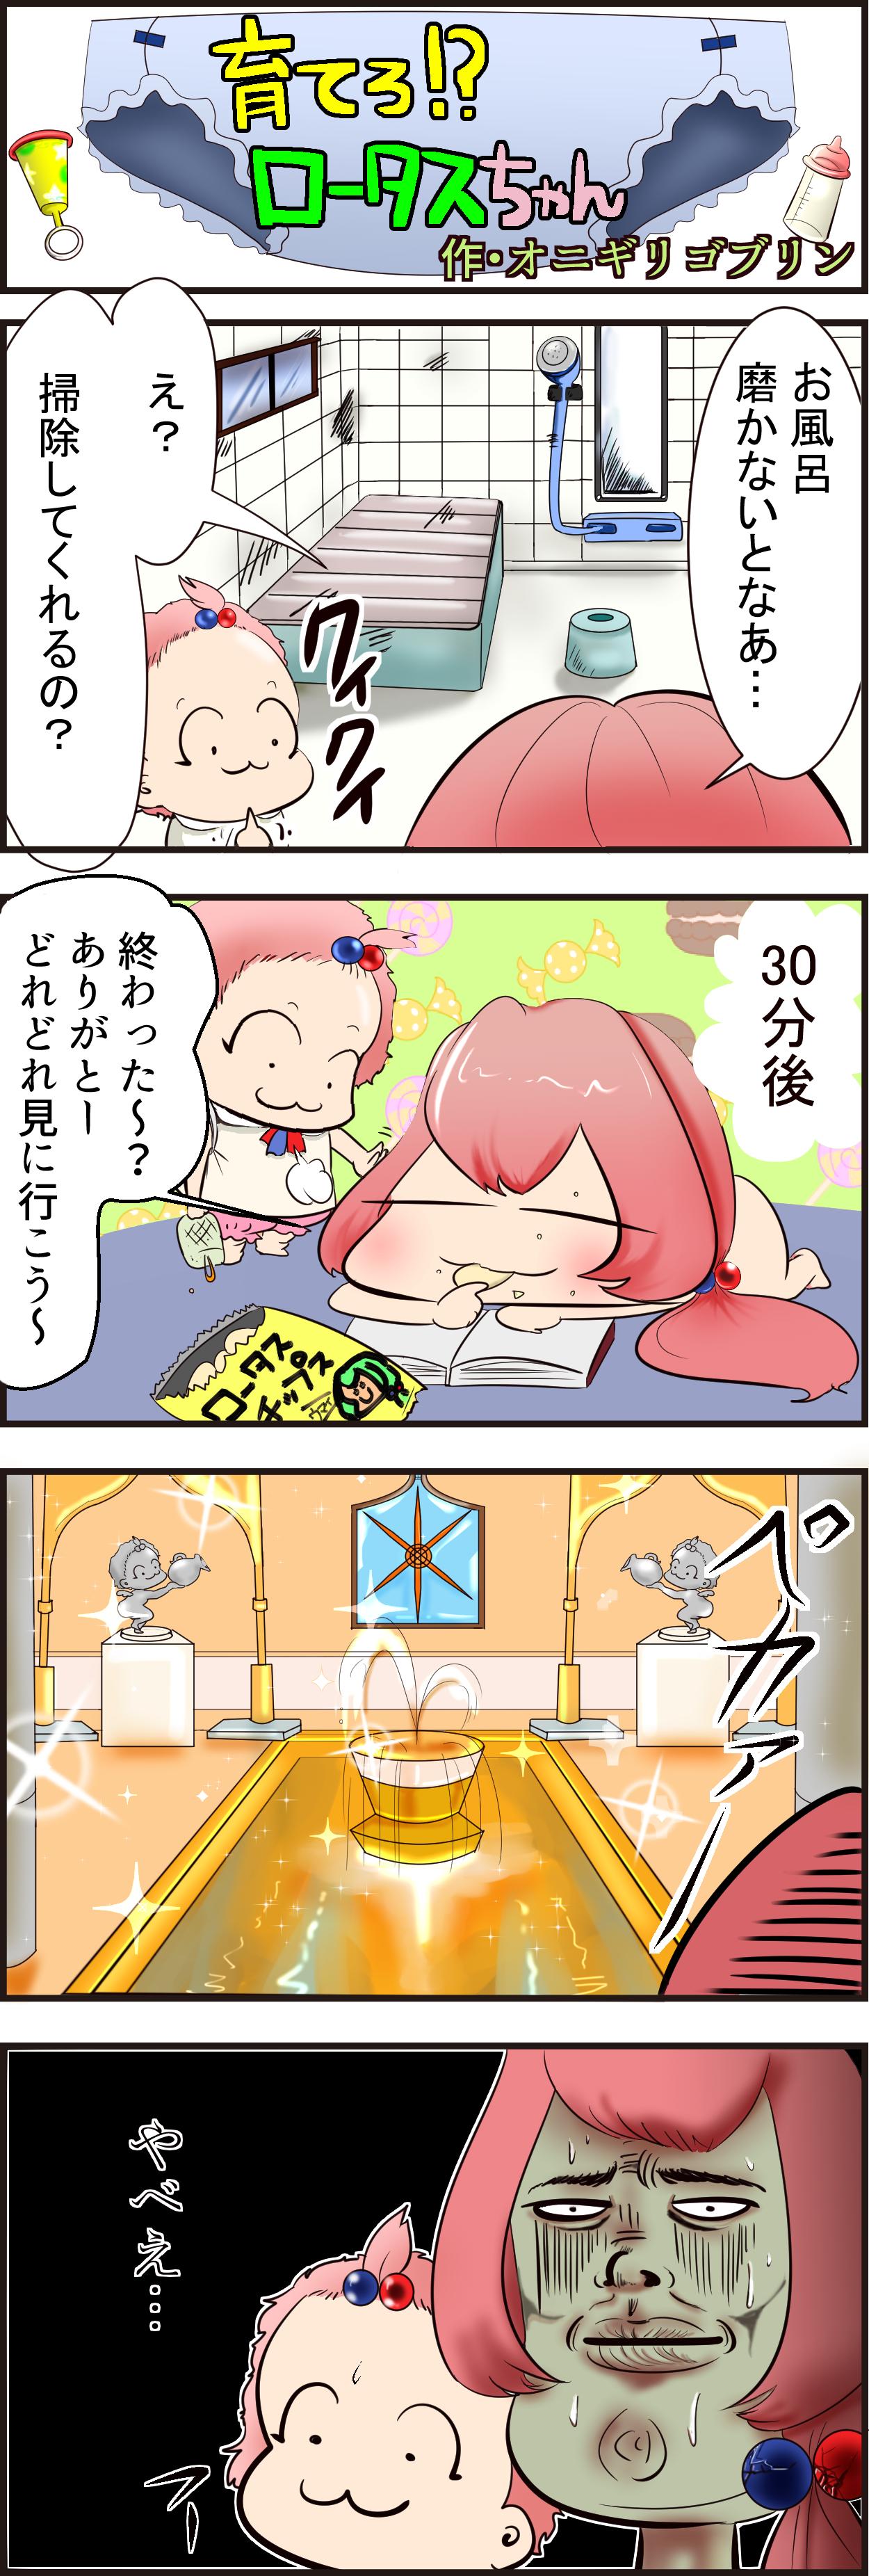 育てろ!?ロータスちゃん#3 オニギリ ゴブリン